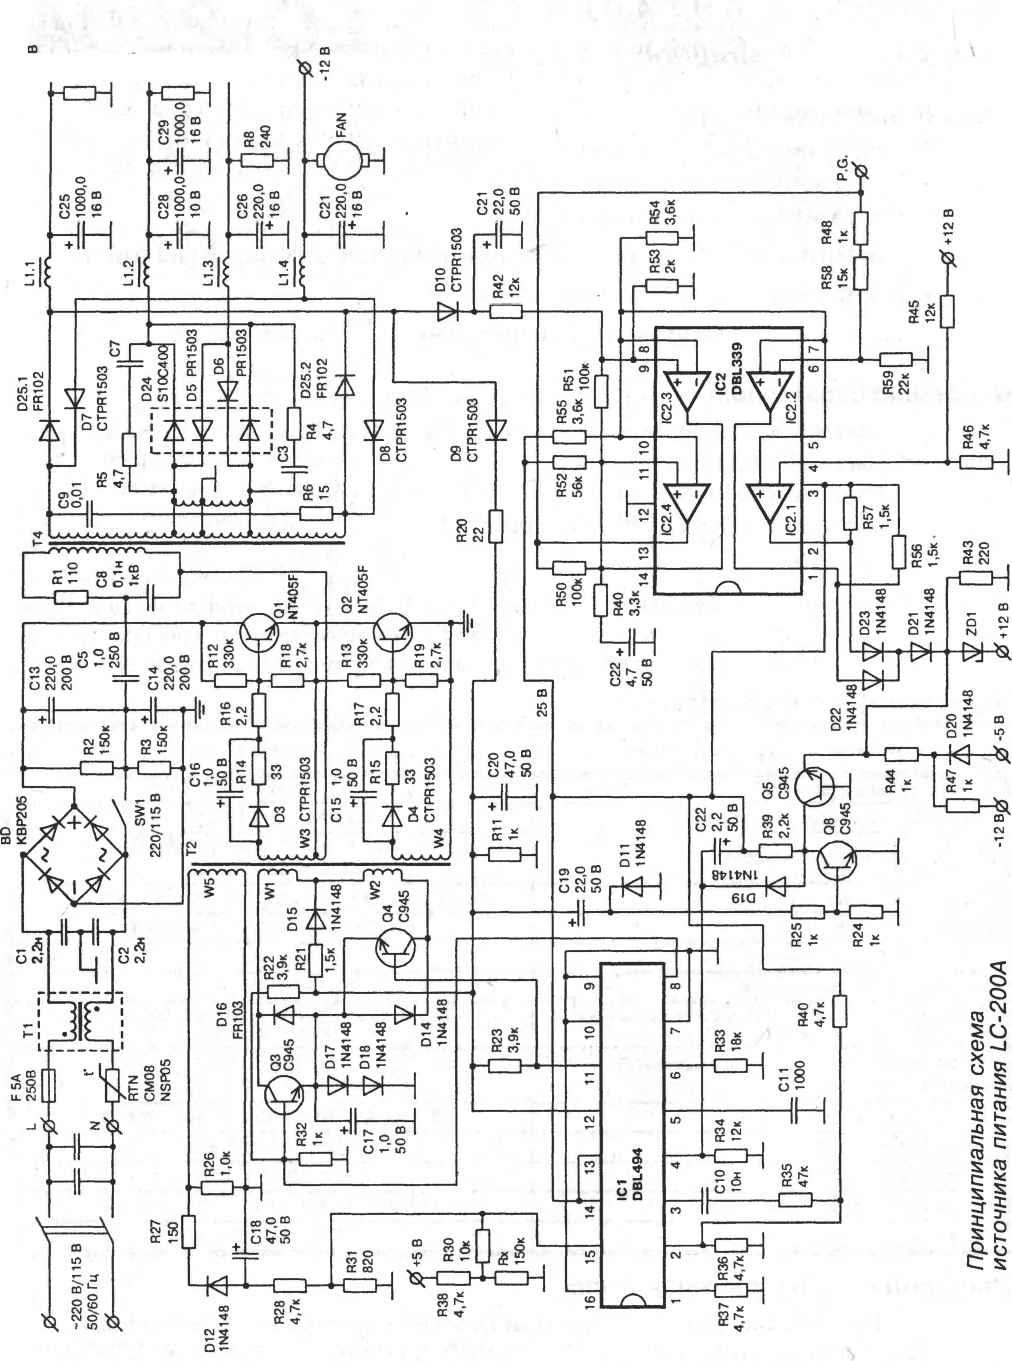 Принципиальные схемы.  Условные обозначения принципиальная электрическая схема.